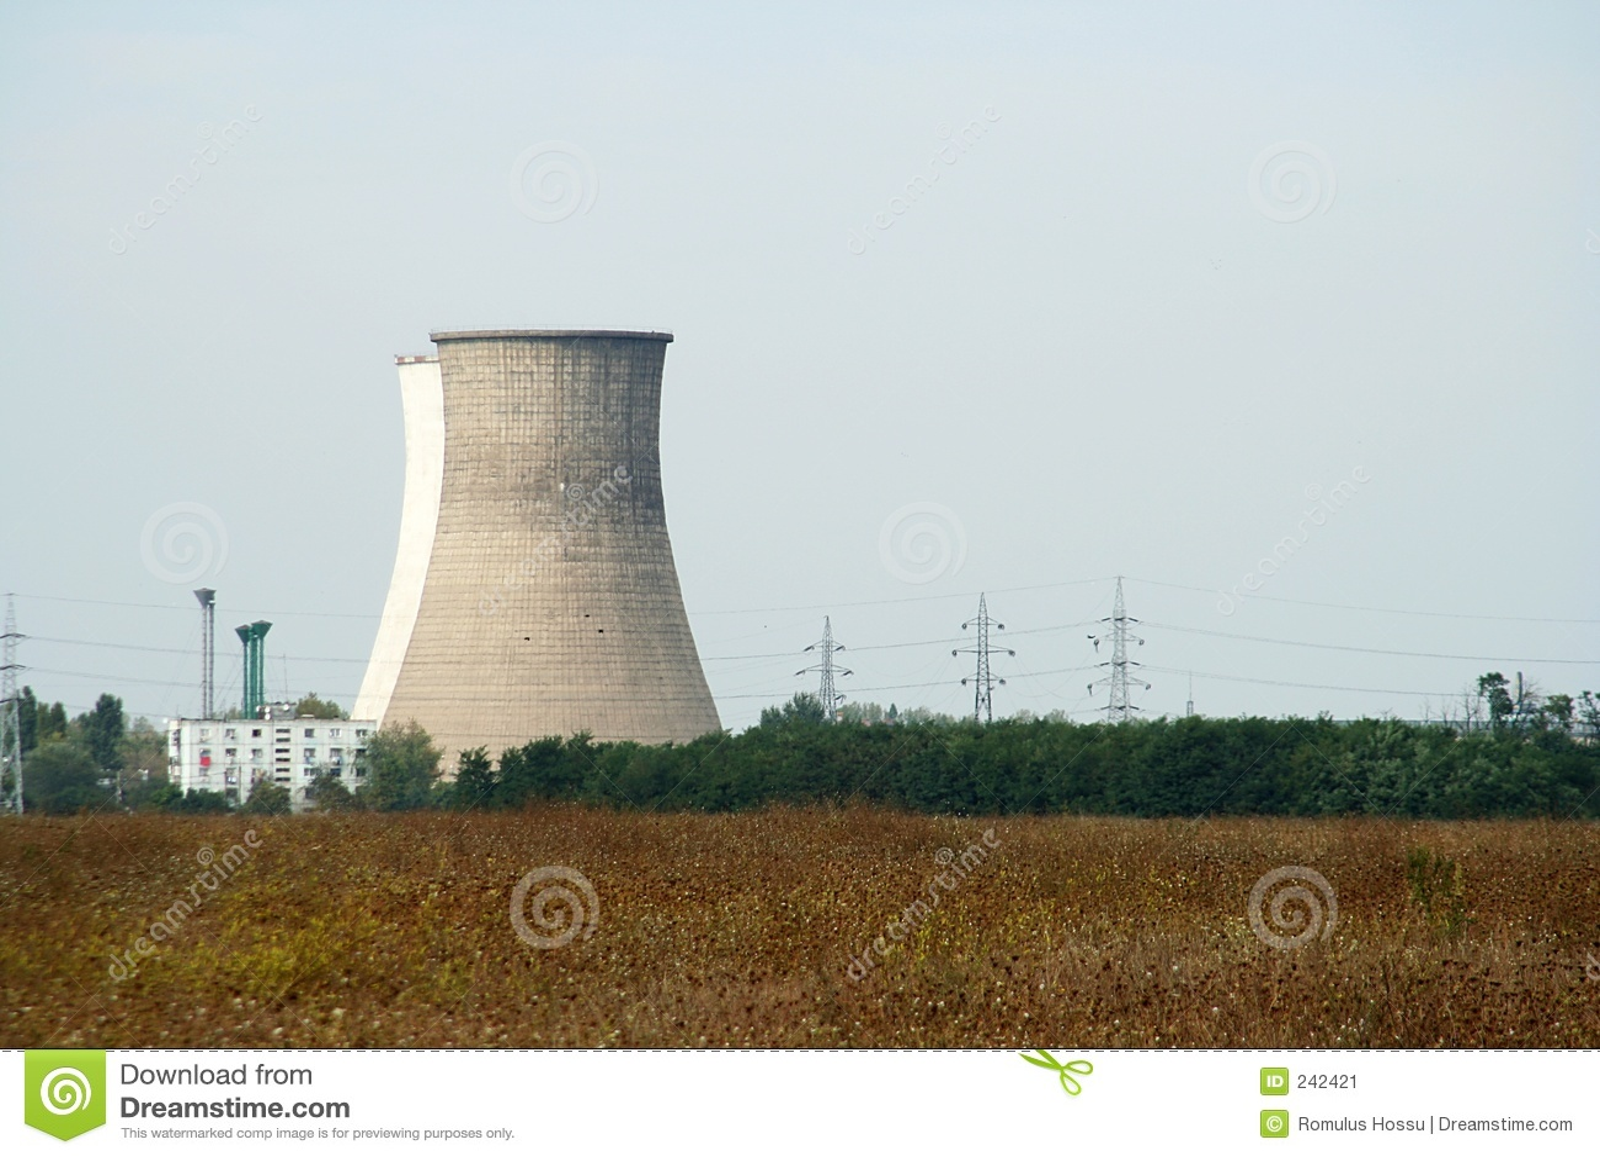 Furnanceskraftverk